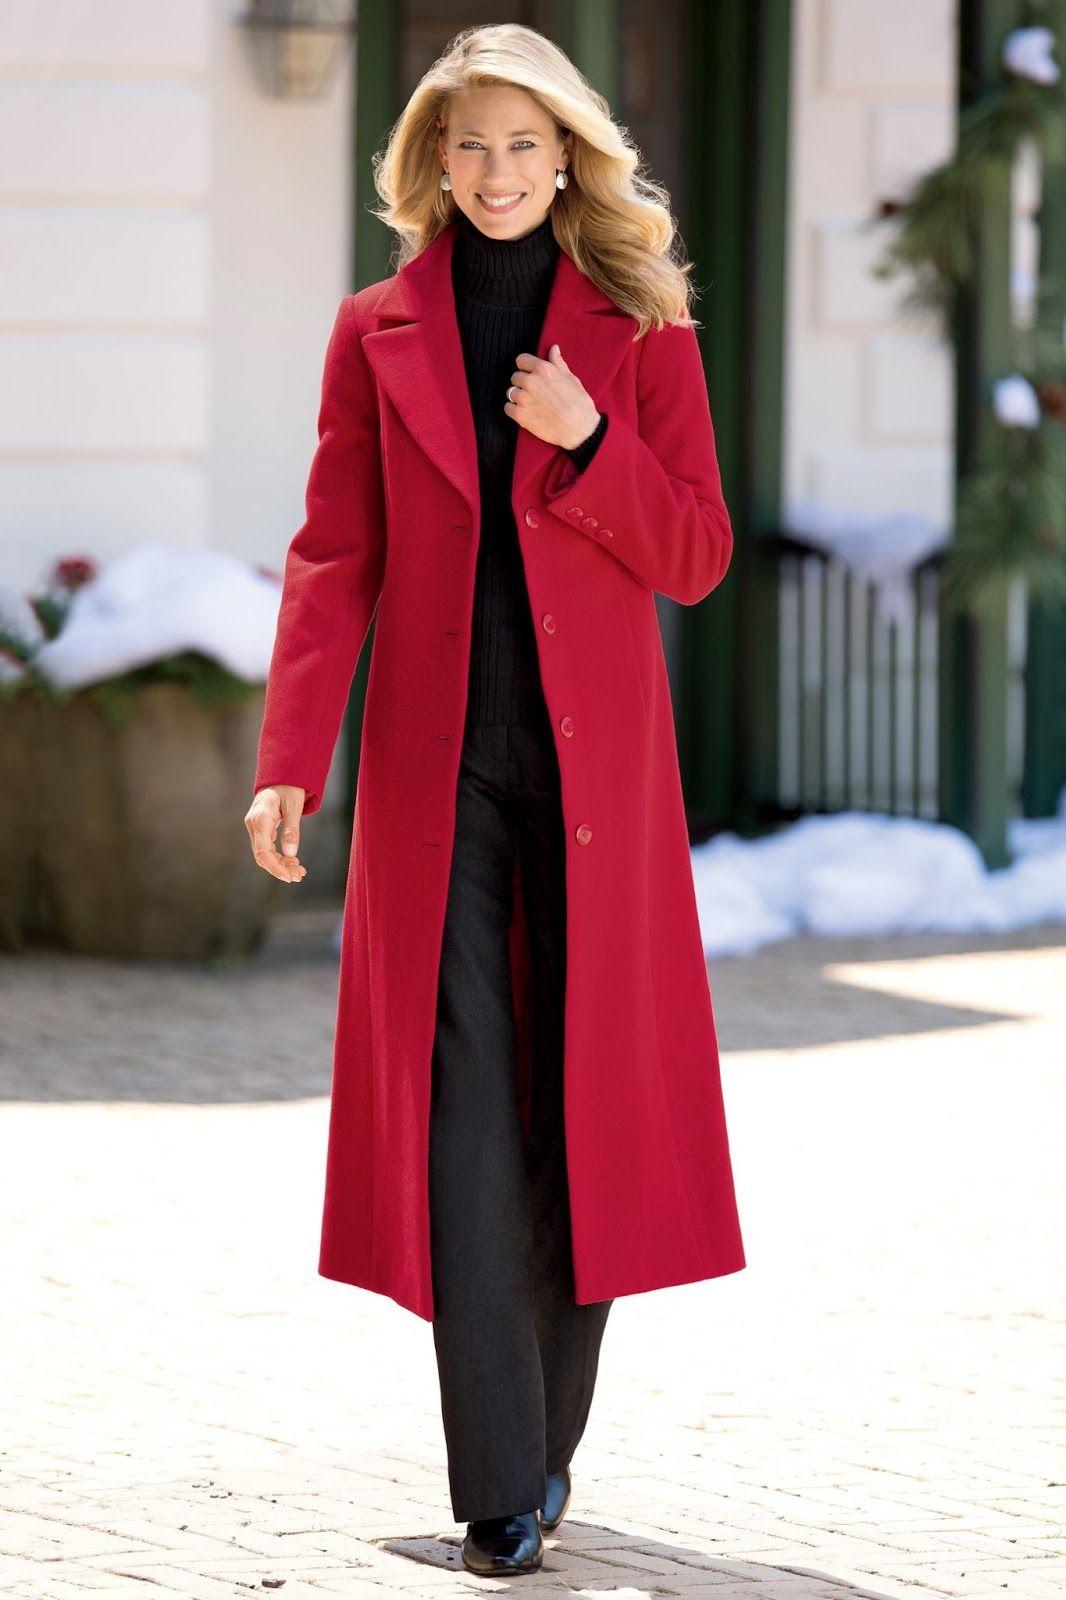 Trending Long Coats For Women Long Coats For Women 6 Long Coats For Women Coats For Women Red Long Coat Long Coat Women